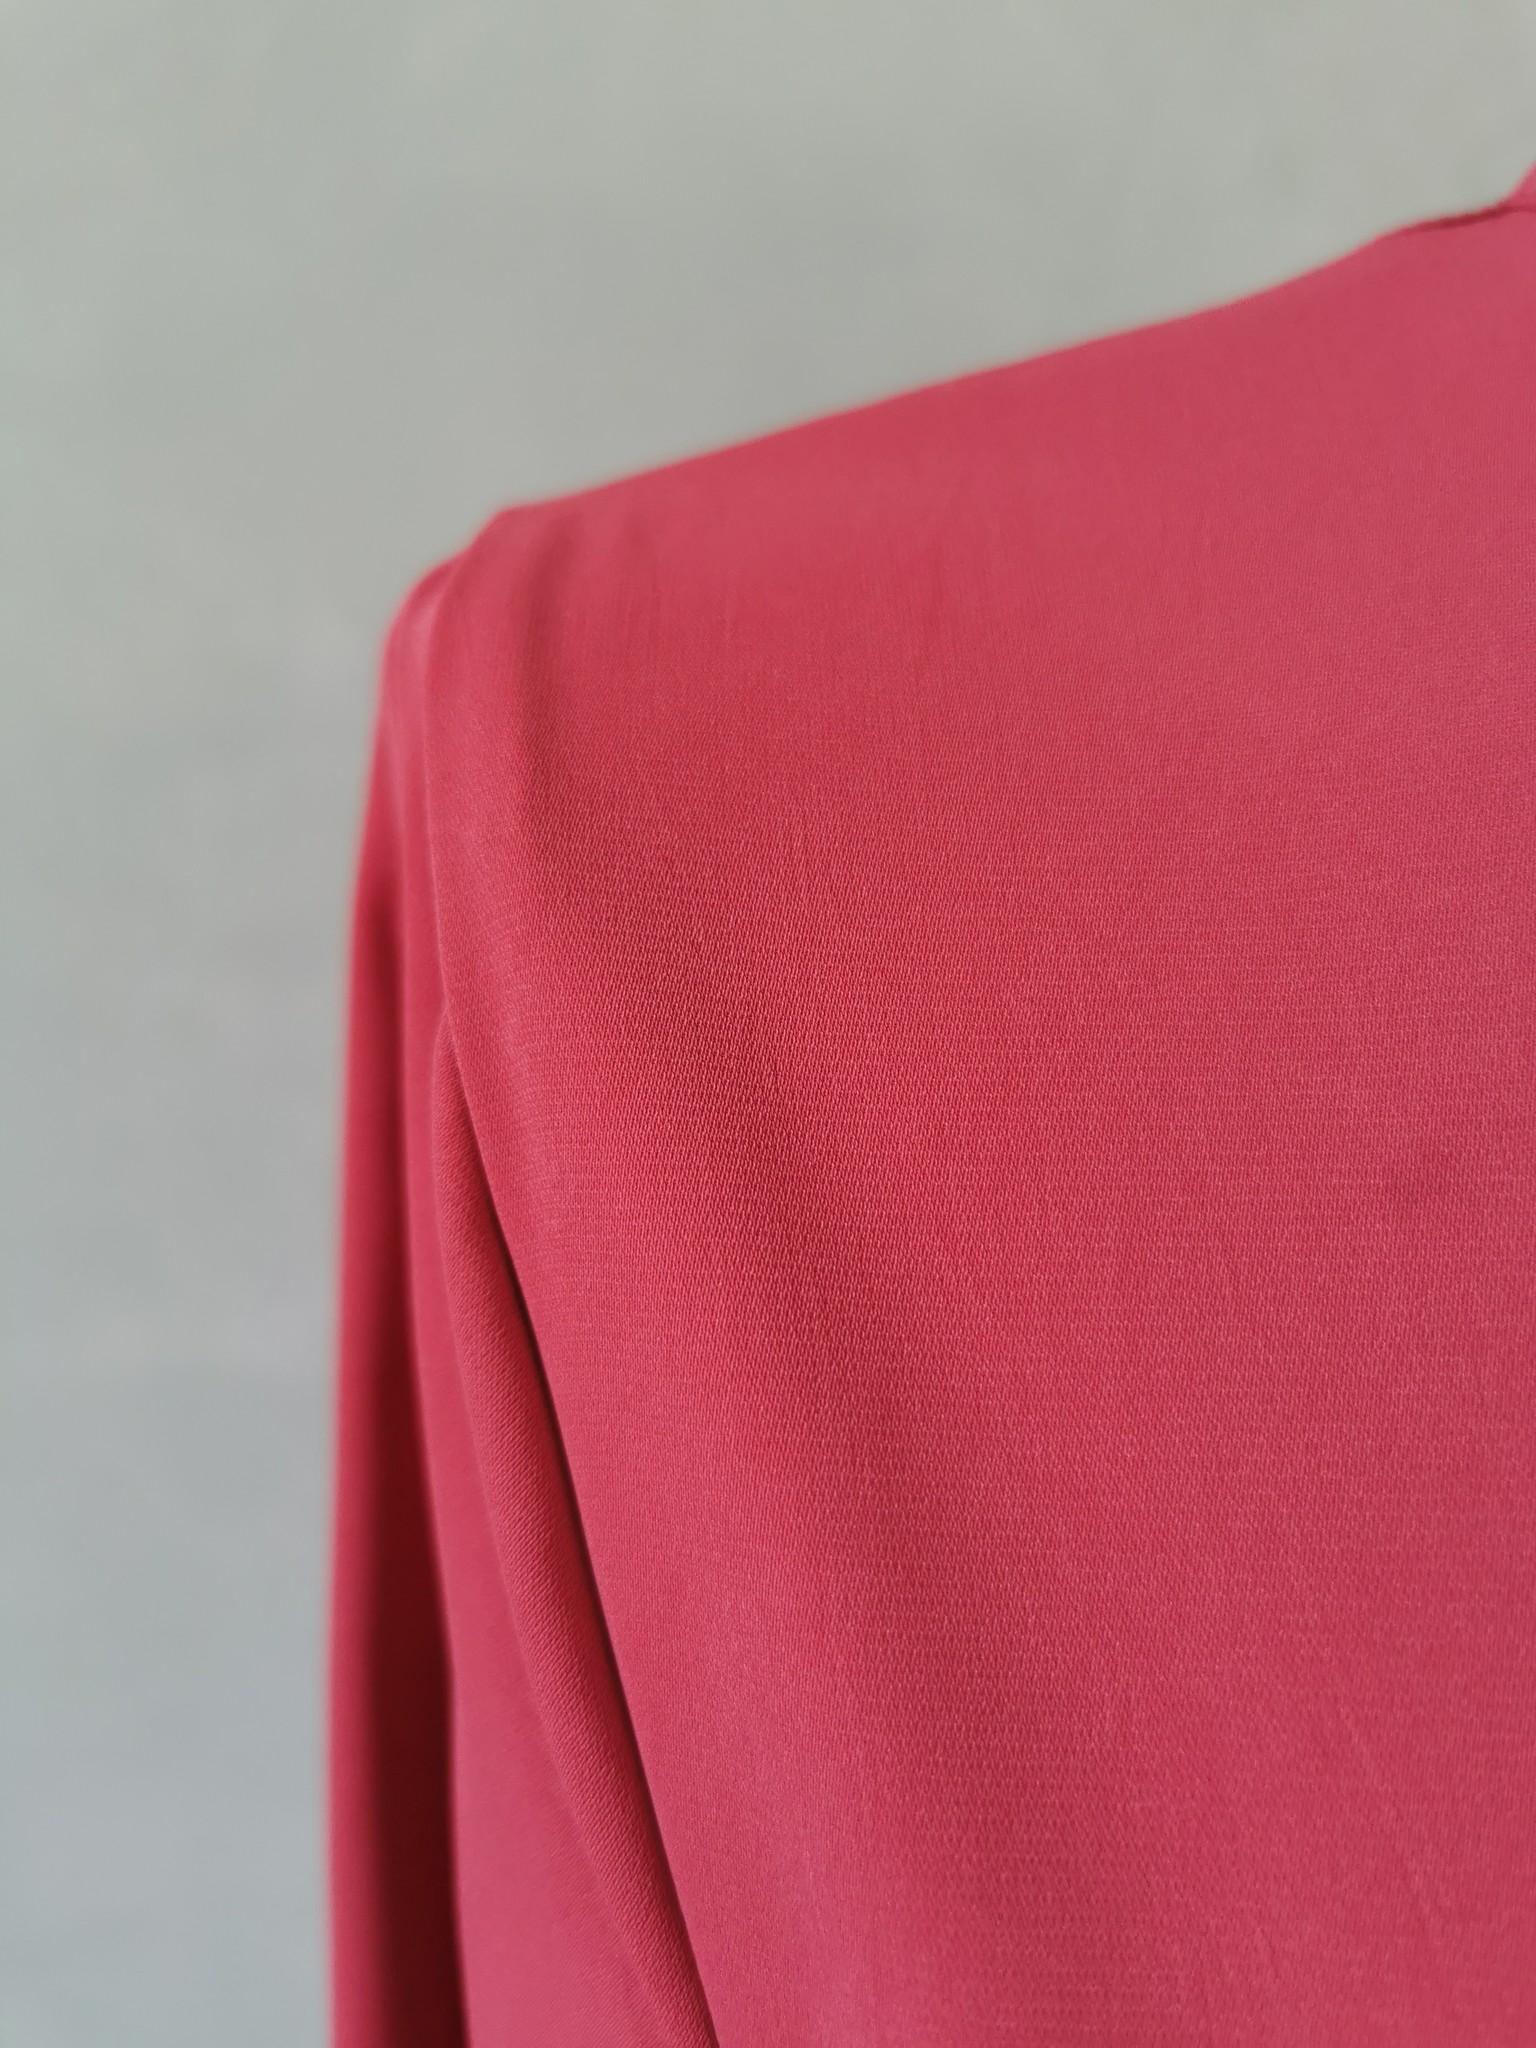 jurk capitelo koraal rood